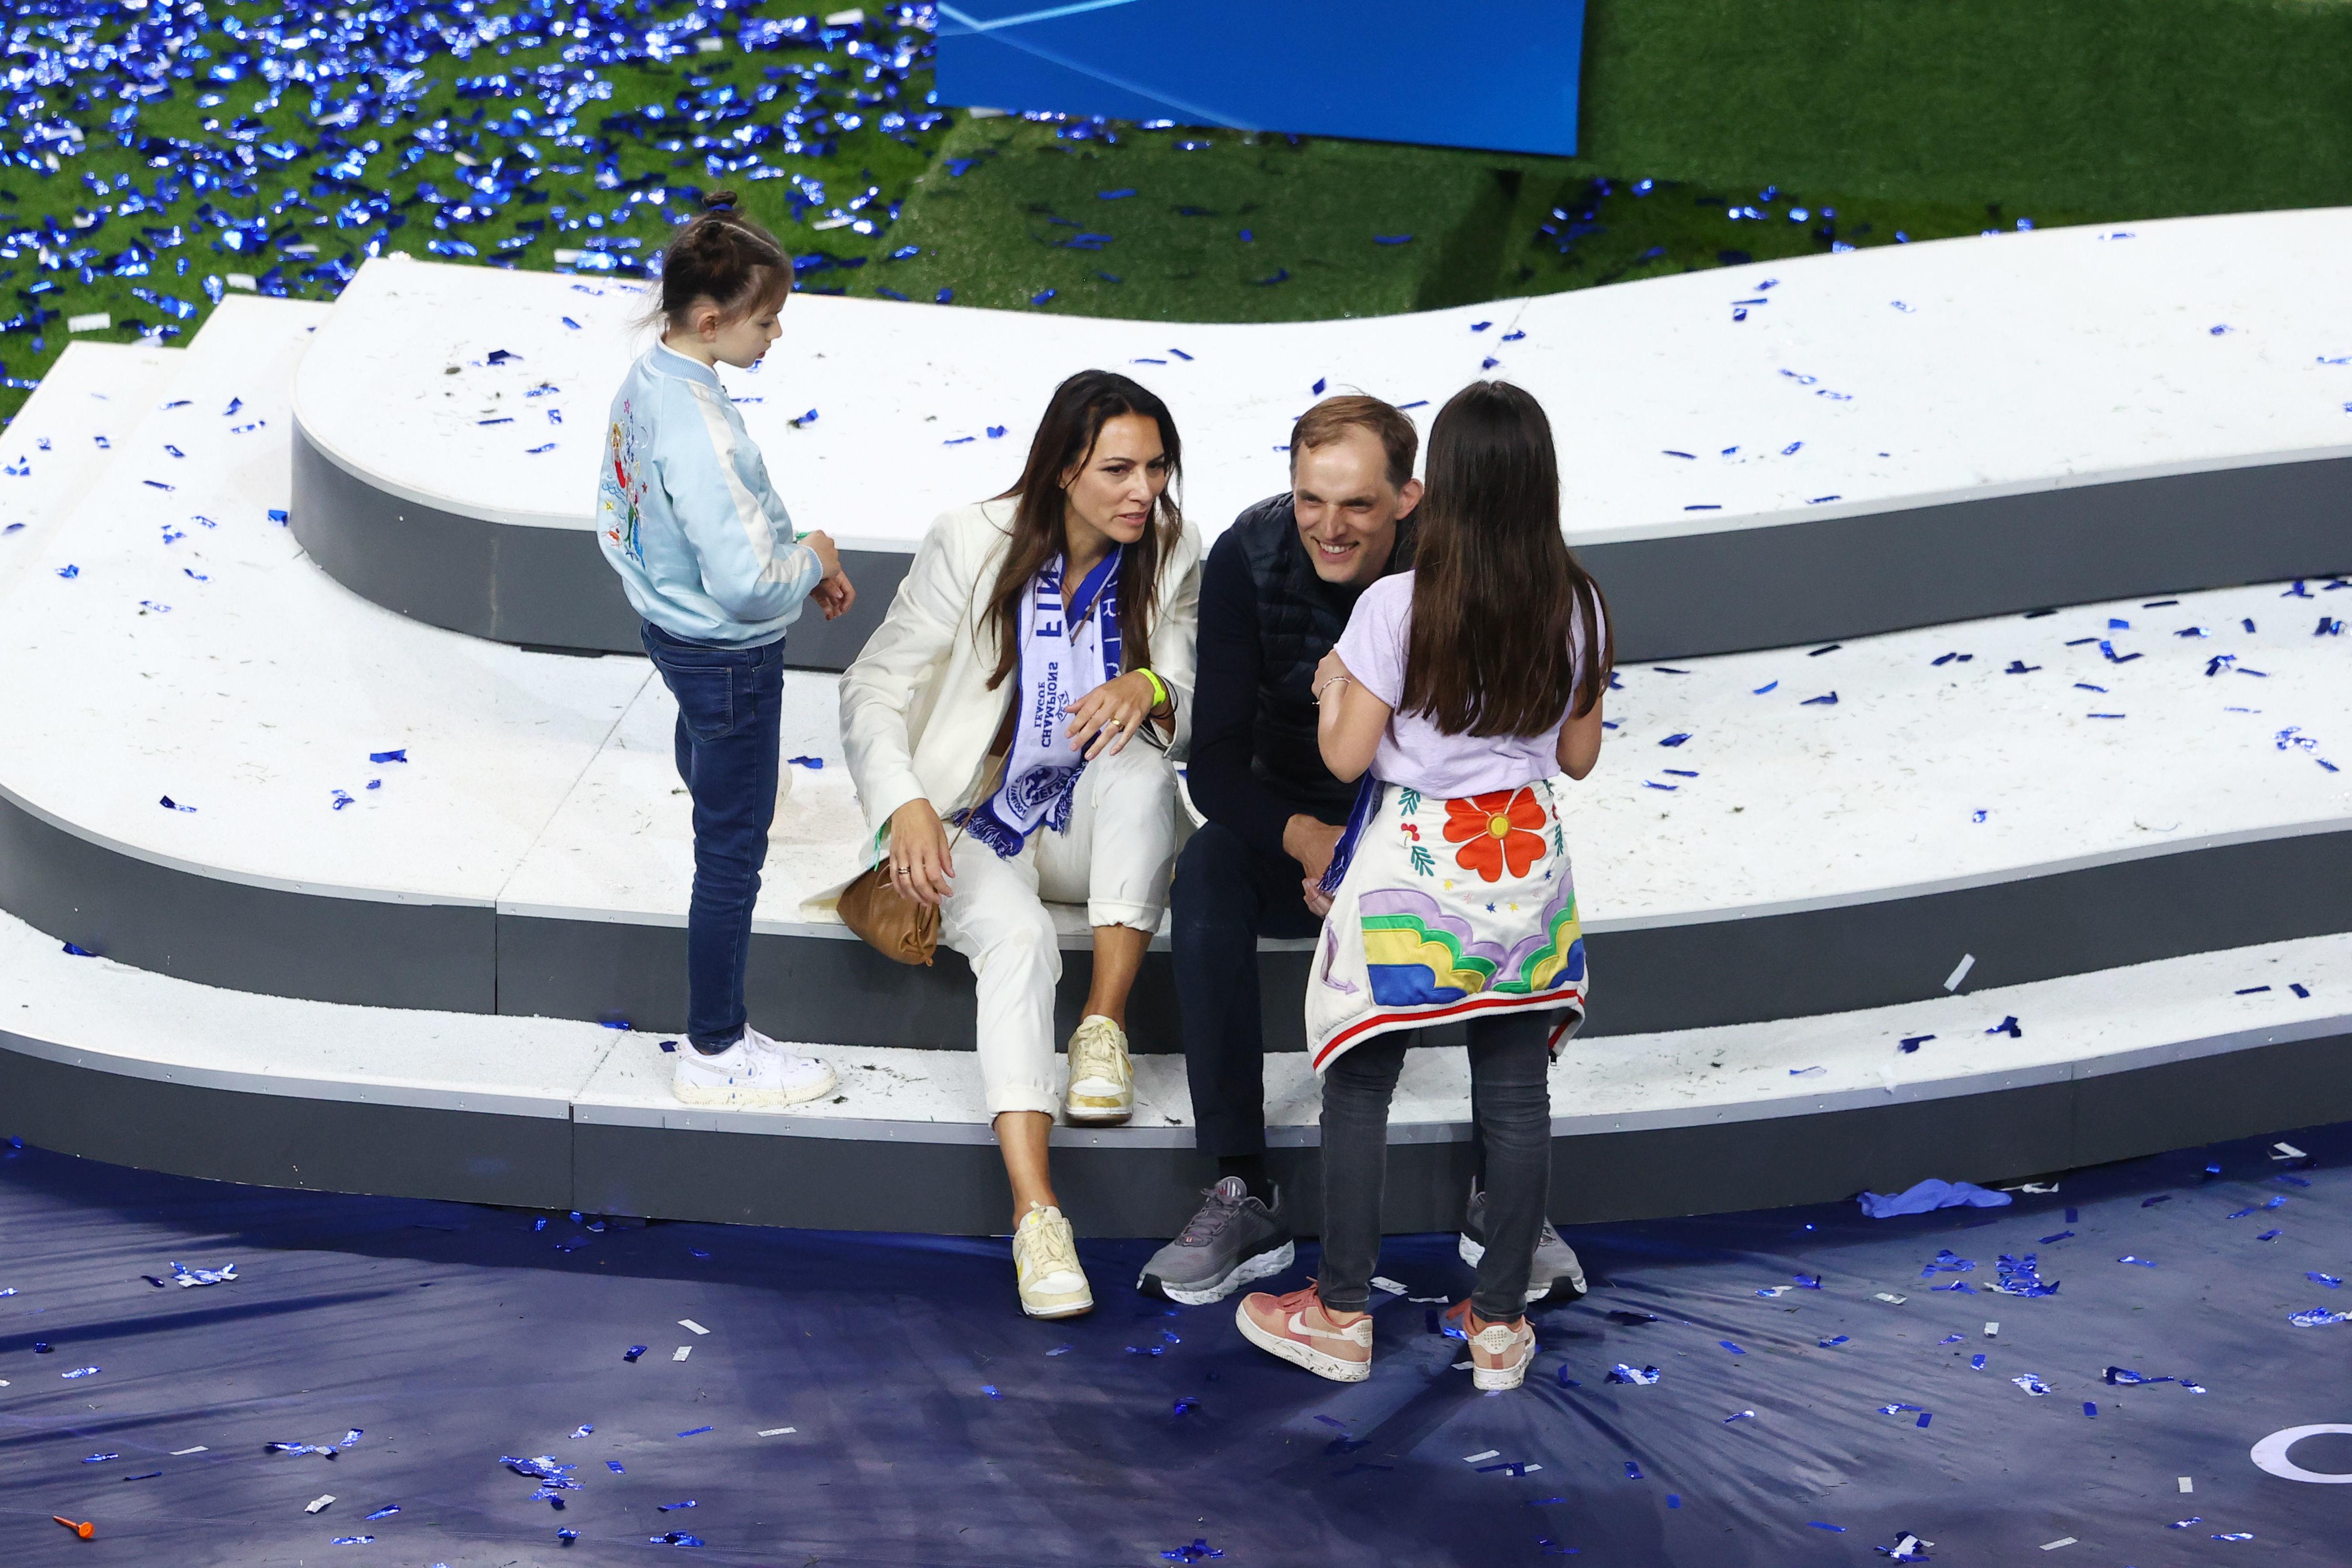 Безумный Тухель, раздавленный Зинченко, синий триумф. ФОТО репортаж с финала Лиги Чемпионов - фото 5